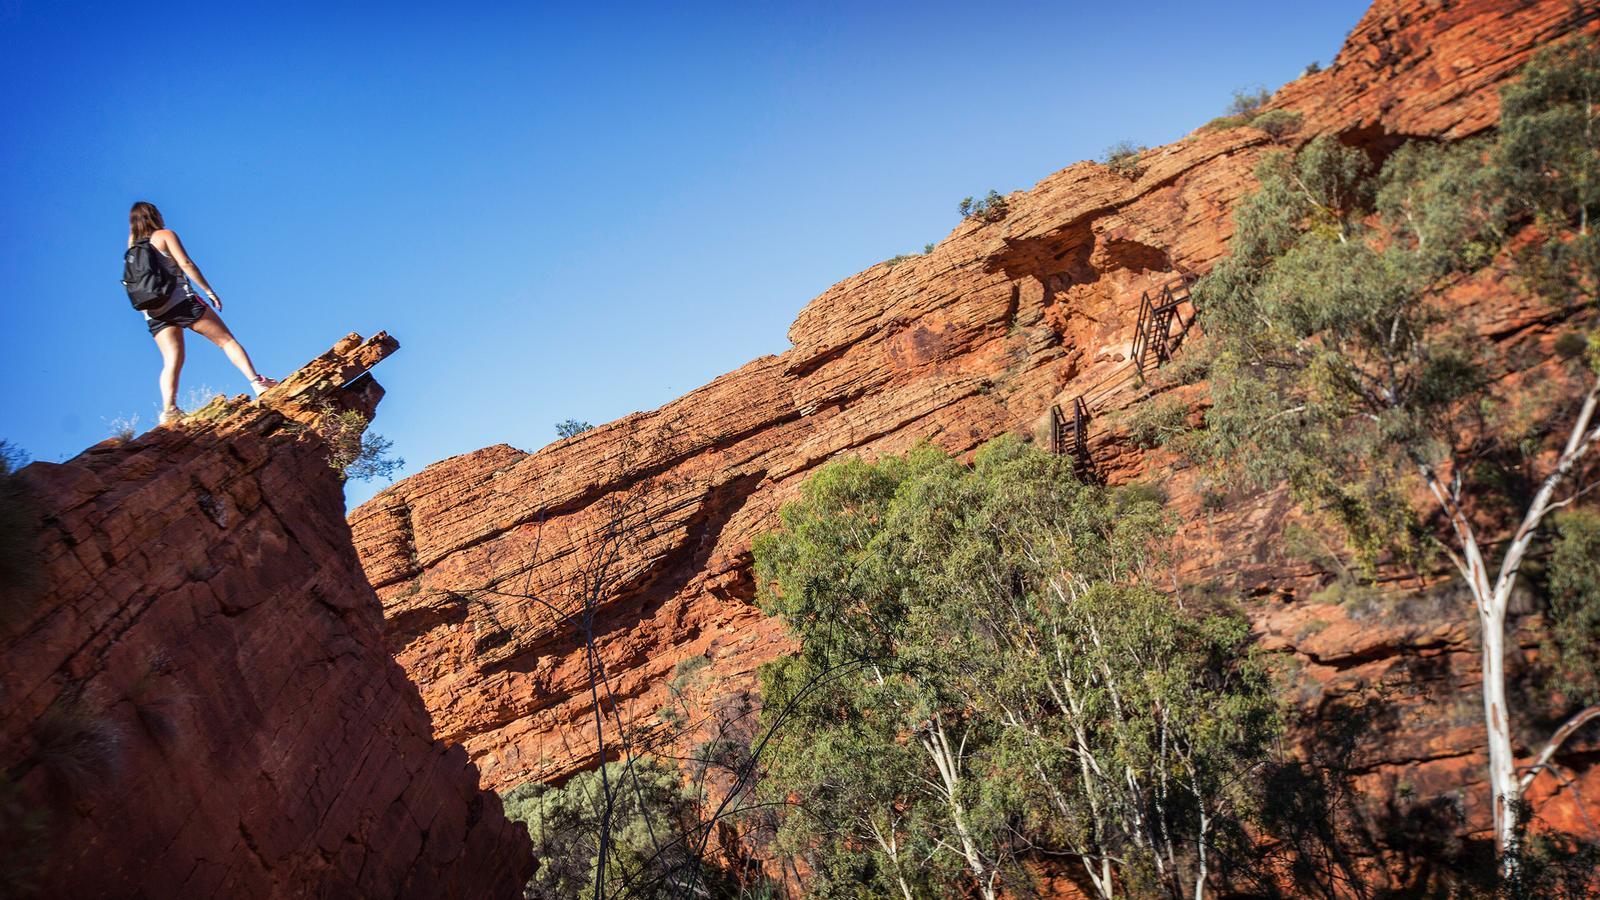 traveljunkies Schlucht Kings Canyon Australien Reisen für junge Leute Gruppenreise Abenteuerreise Erlebnisreise